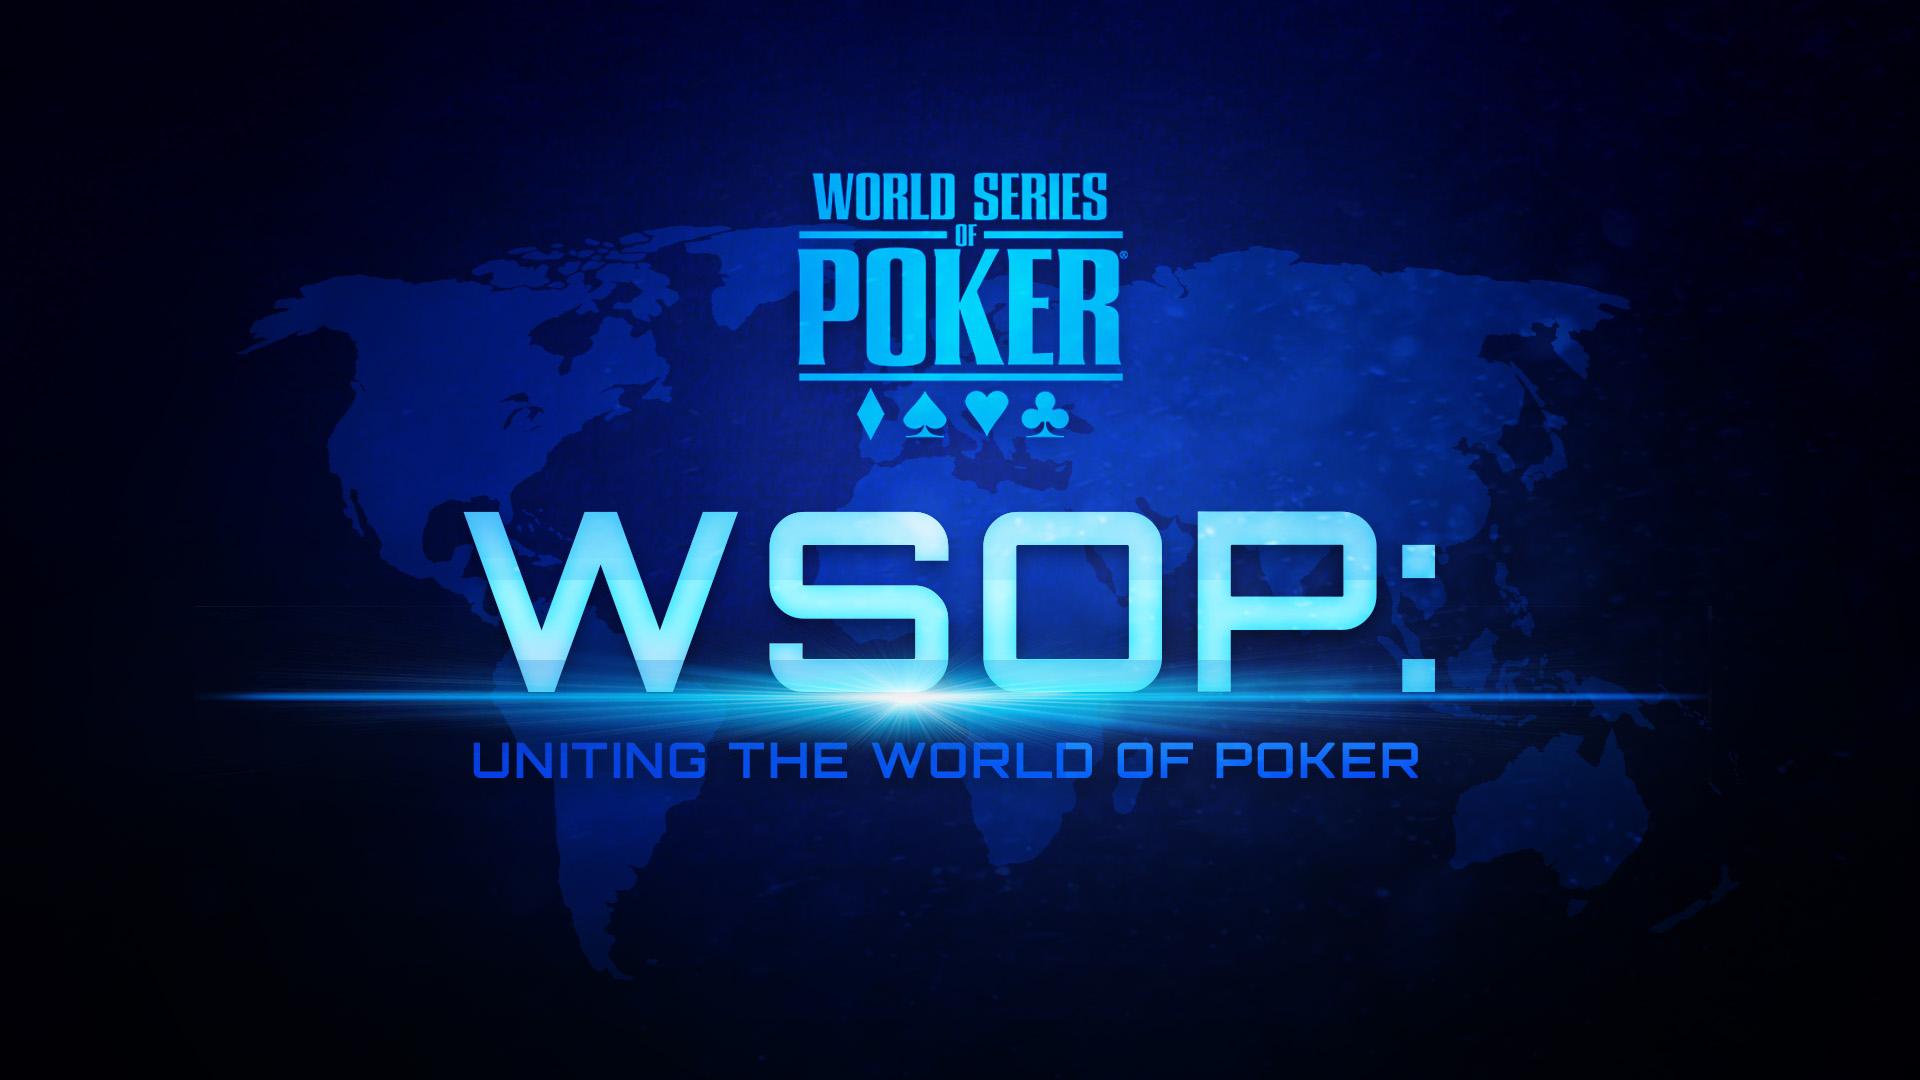 Deposito 888 poker privacidad casino Fortaleza-923627